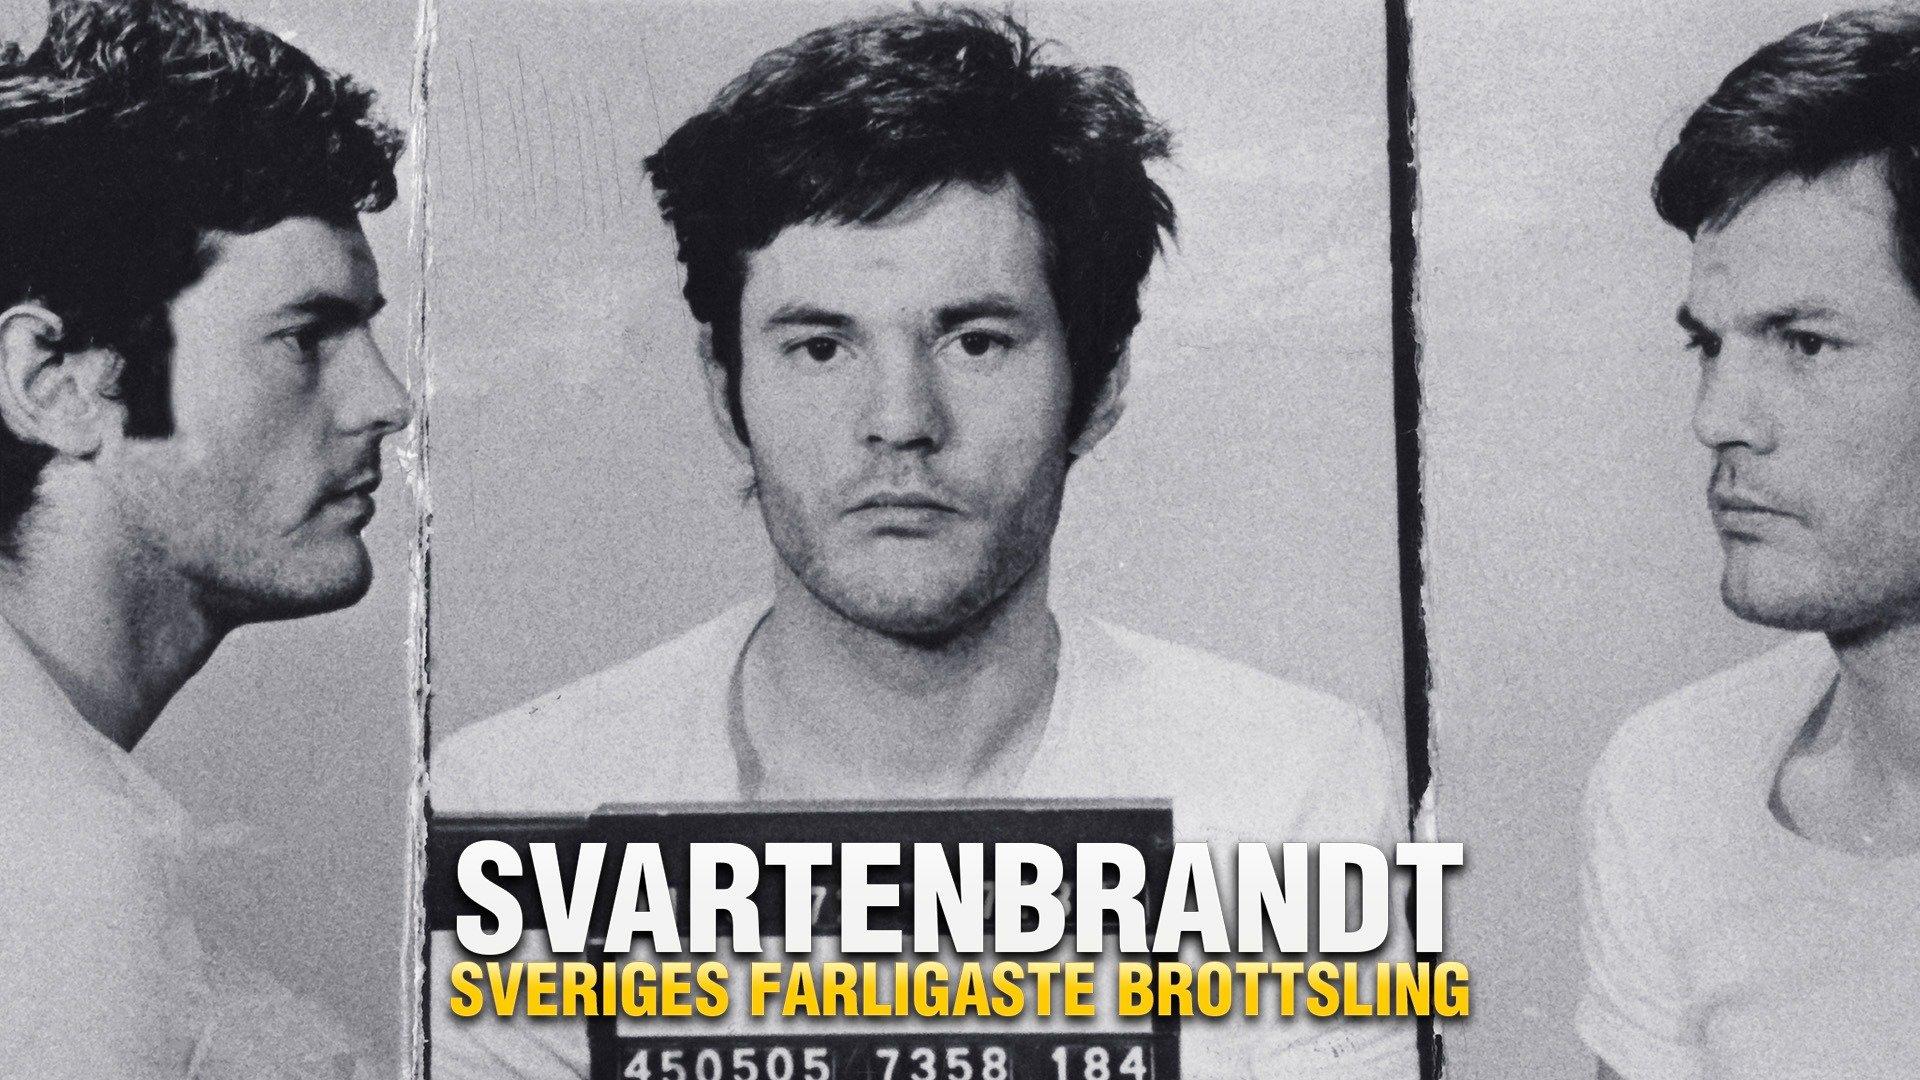 Svartenbrandt - Sveriges farligaste brottsling